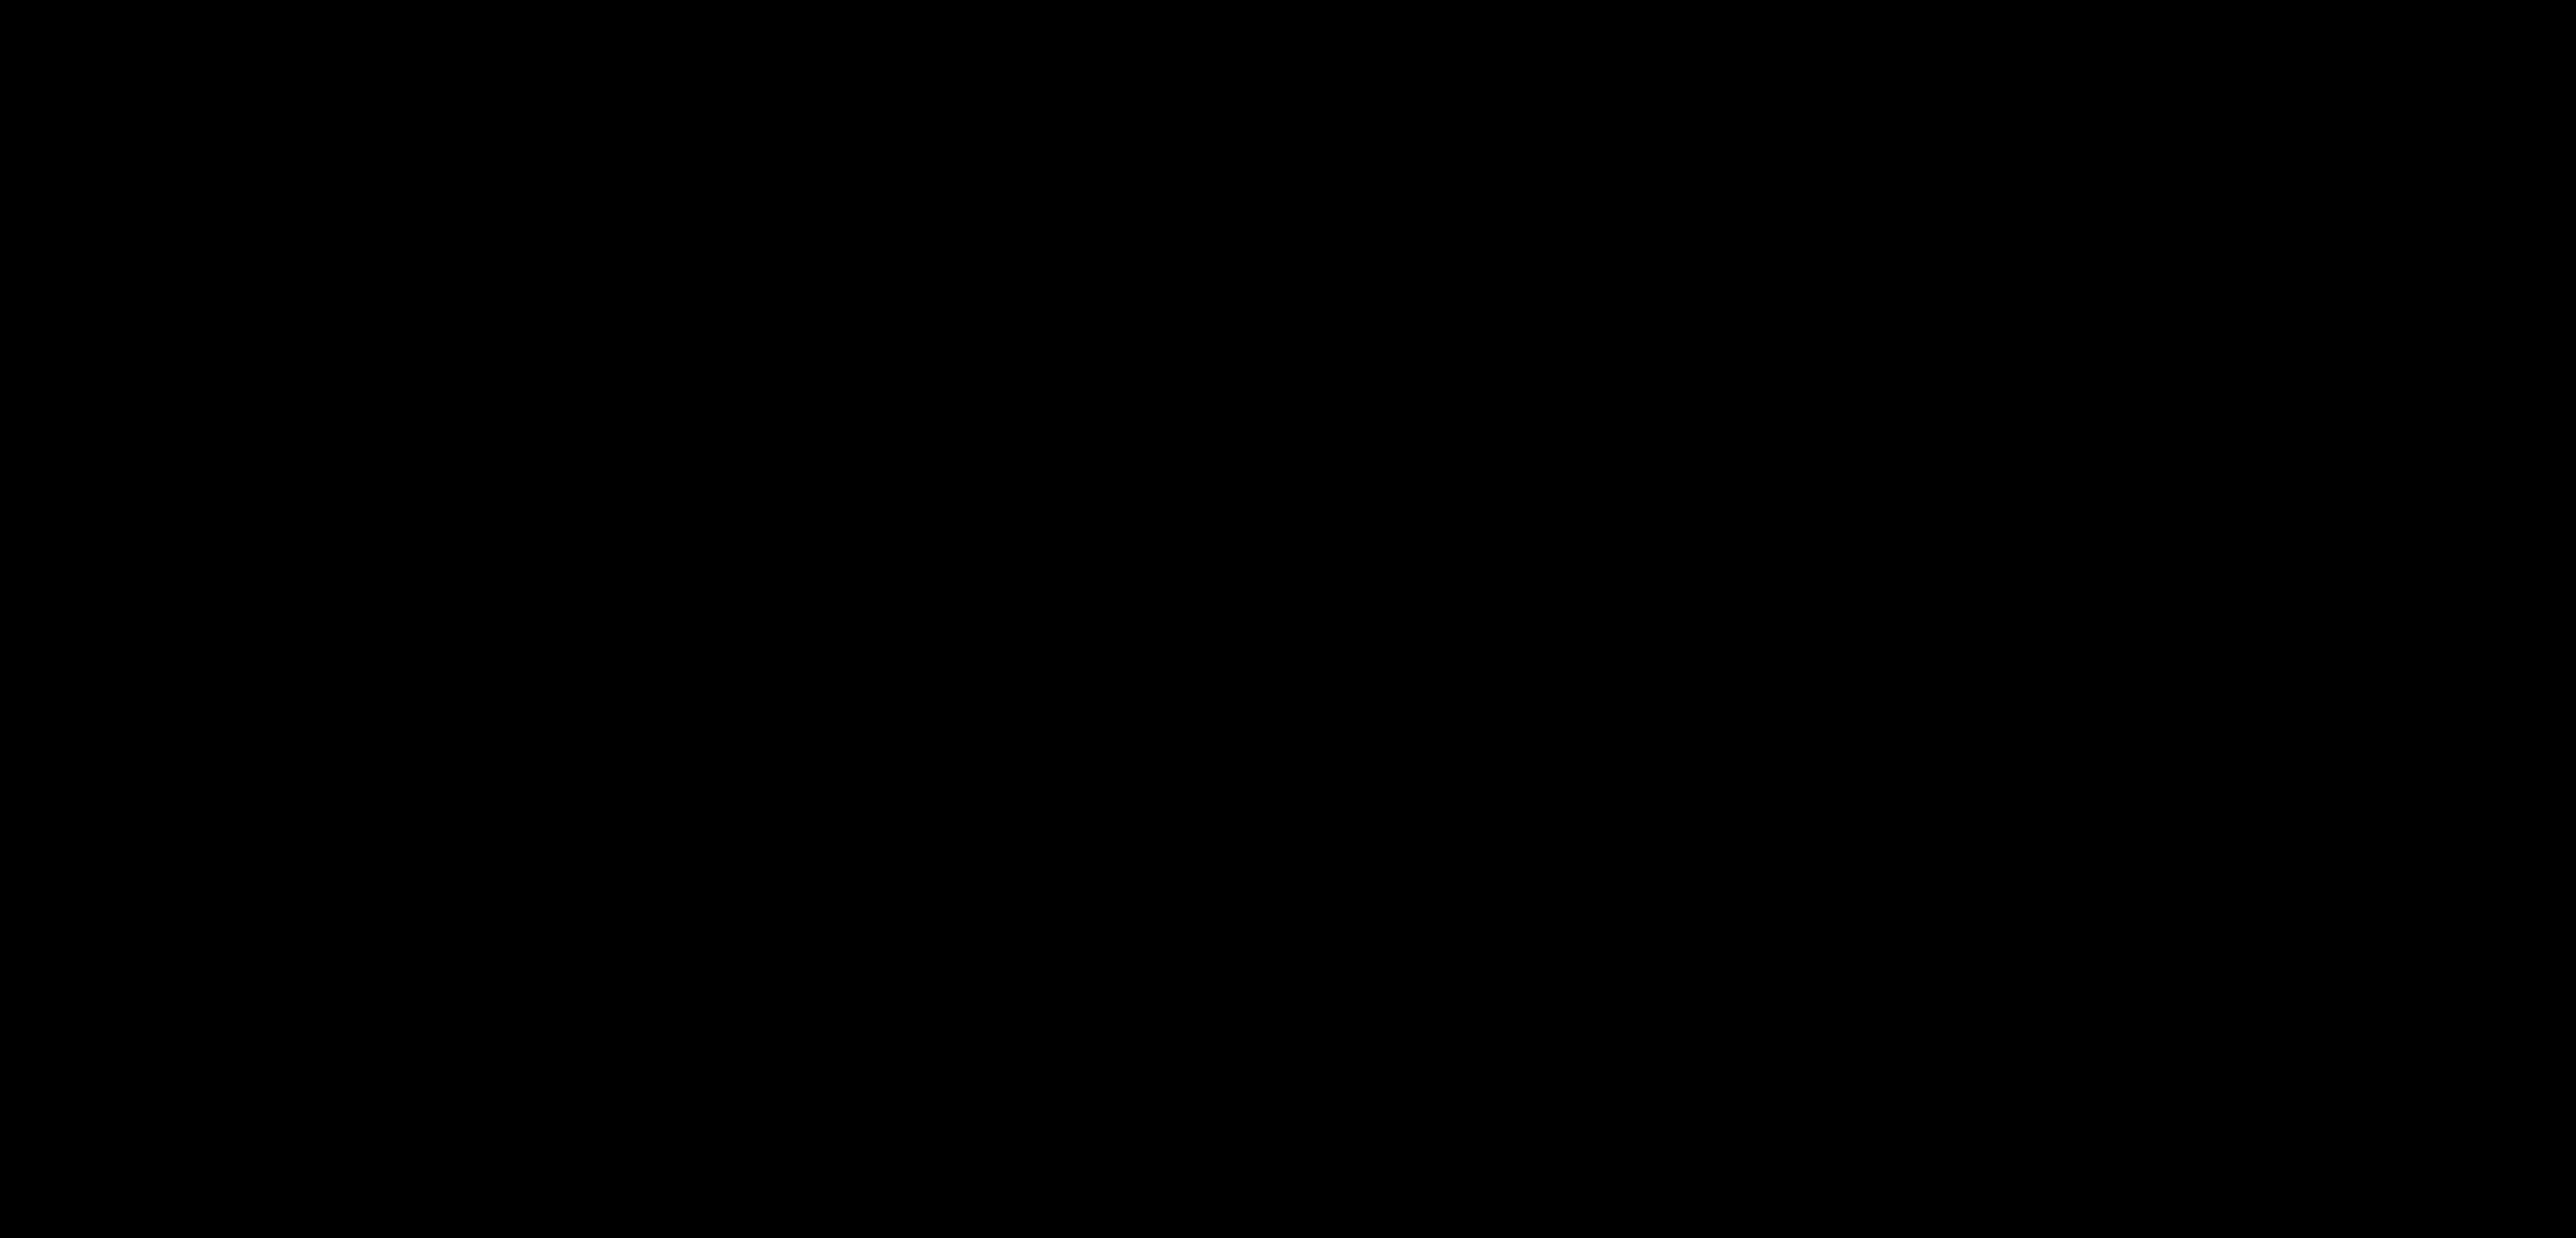 (N-Biotinyl-2-aminoethyl)-7-N-N-dimethylaminocoumarin-4-acetamide